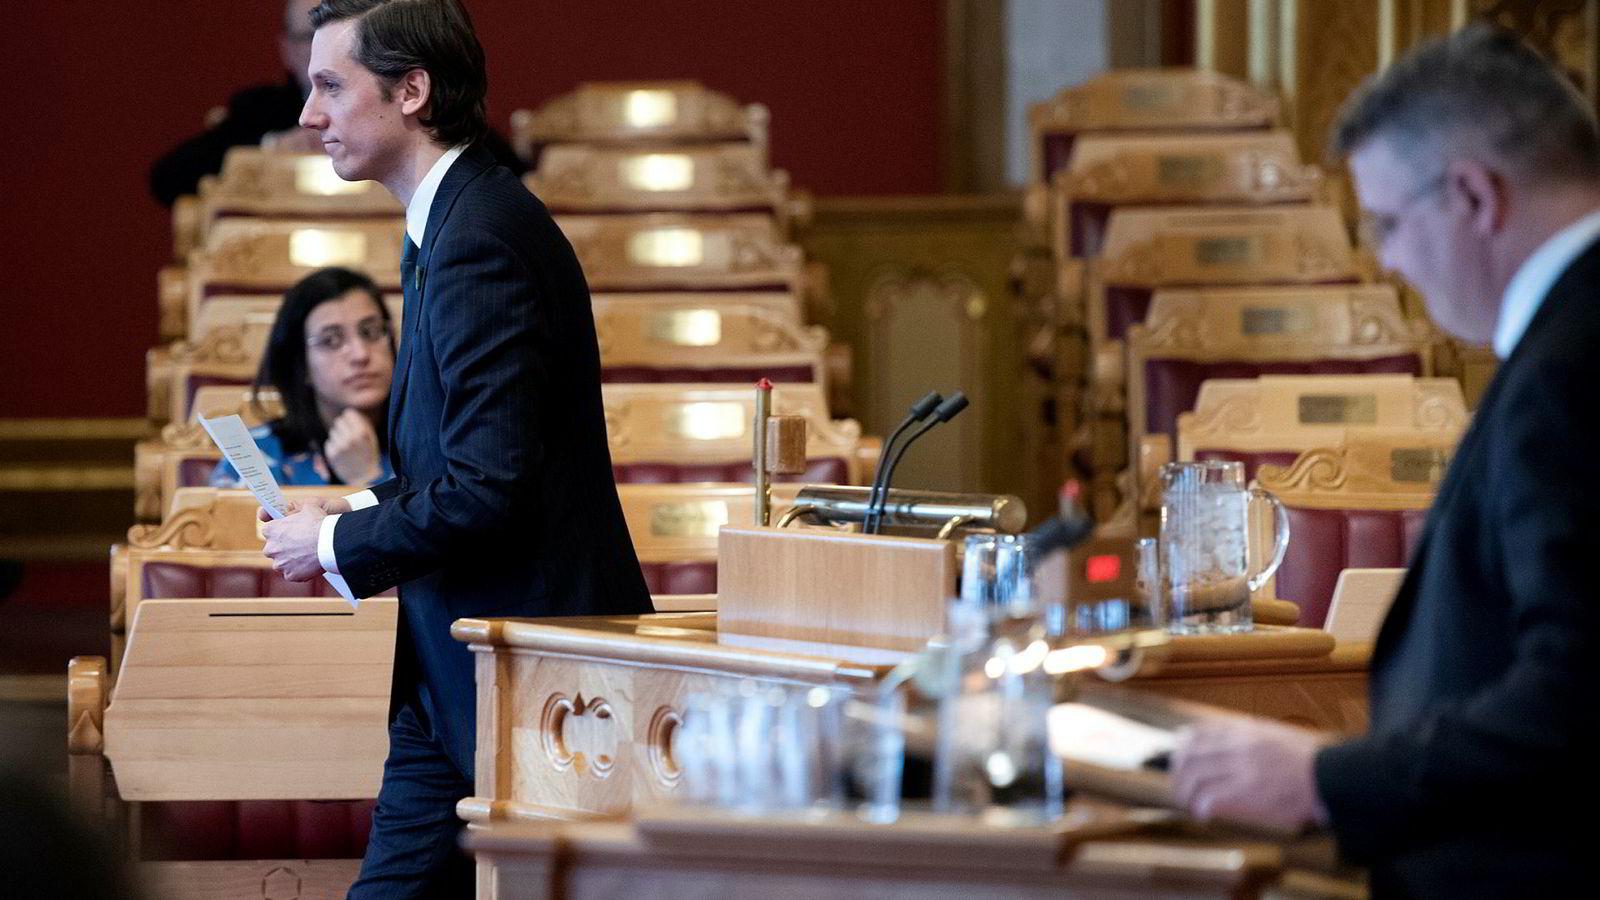 Vararepresentant Kristoffer Robin Haug fra Miljøpartiet De Grønne tok opp oljebekymring på Kangaroo Island og ville at olje- og energiminister Kjell-Børge Freiberg skal be Equinor holde seg unna.